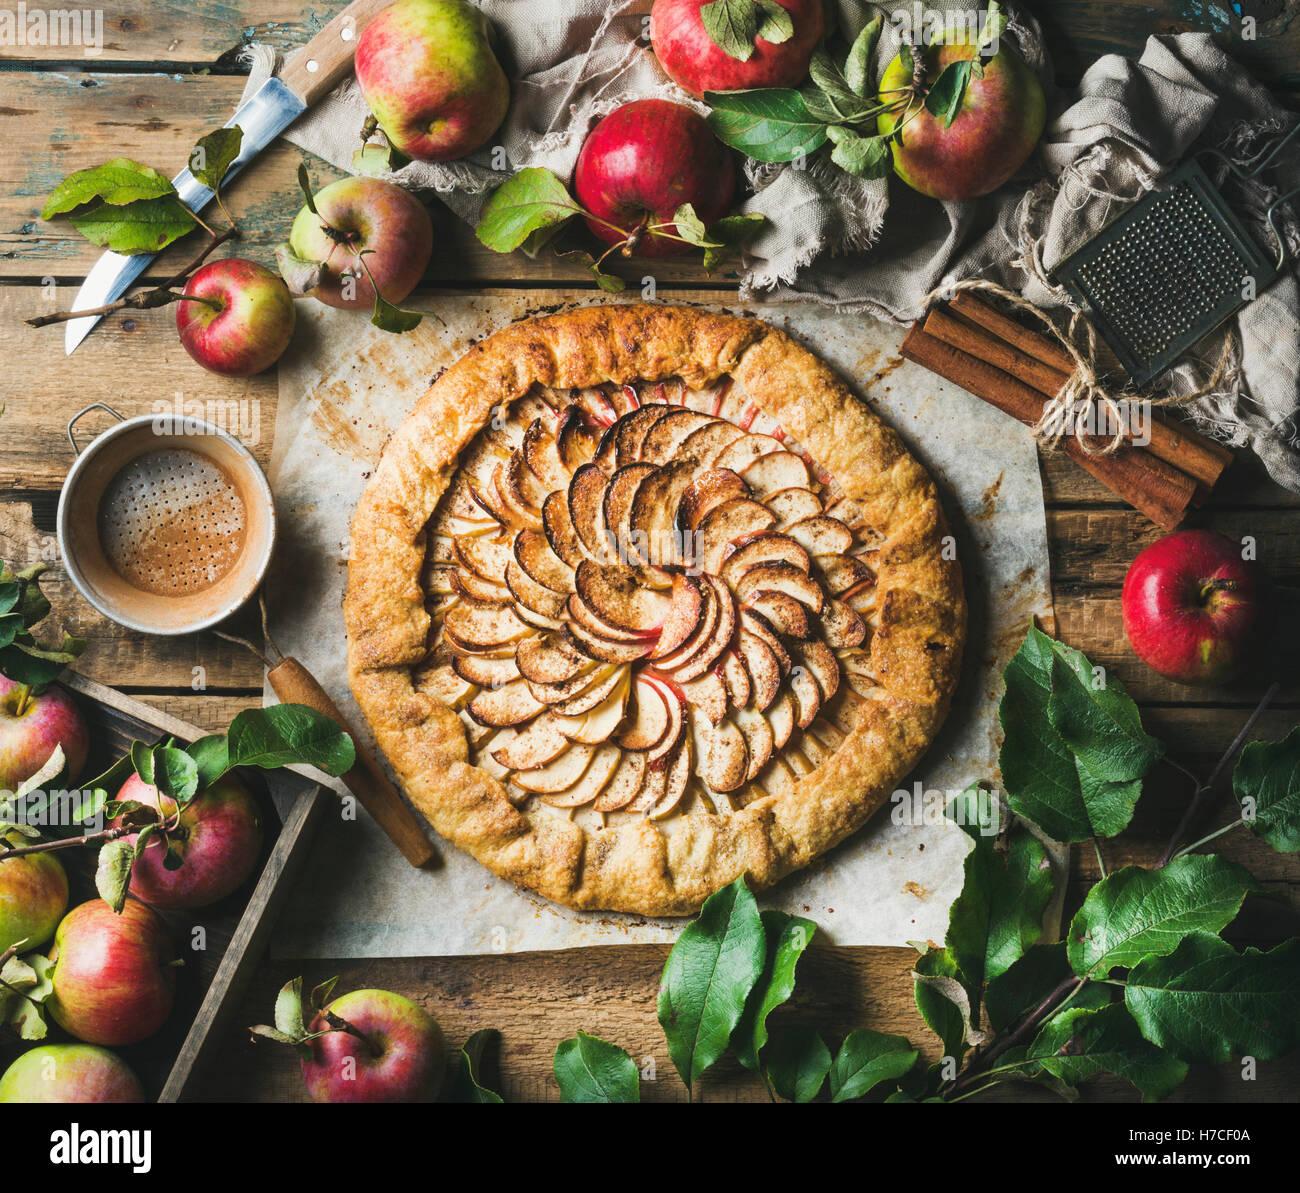 Apple la crostata con cannella servita con fresco giardino di mele con foglie sul legno rustico sfondo, vista superiore, Immagini Stock